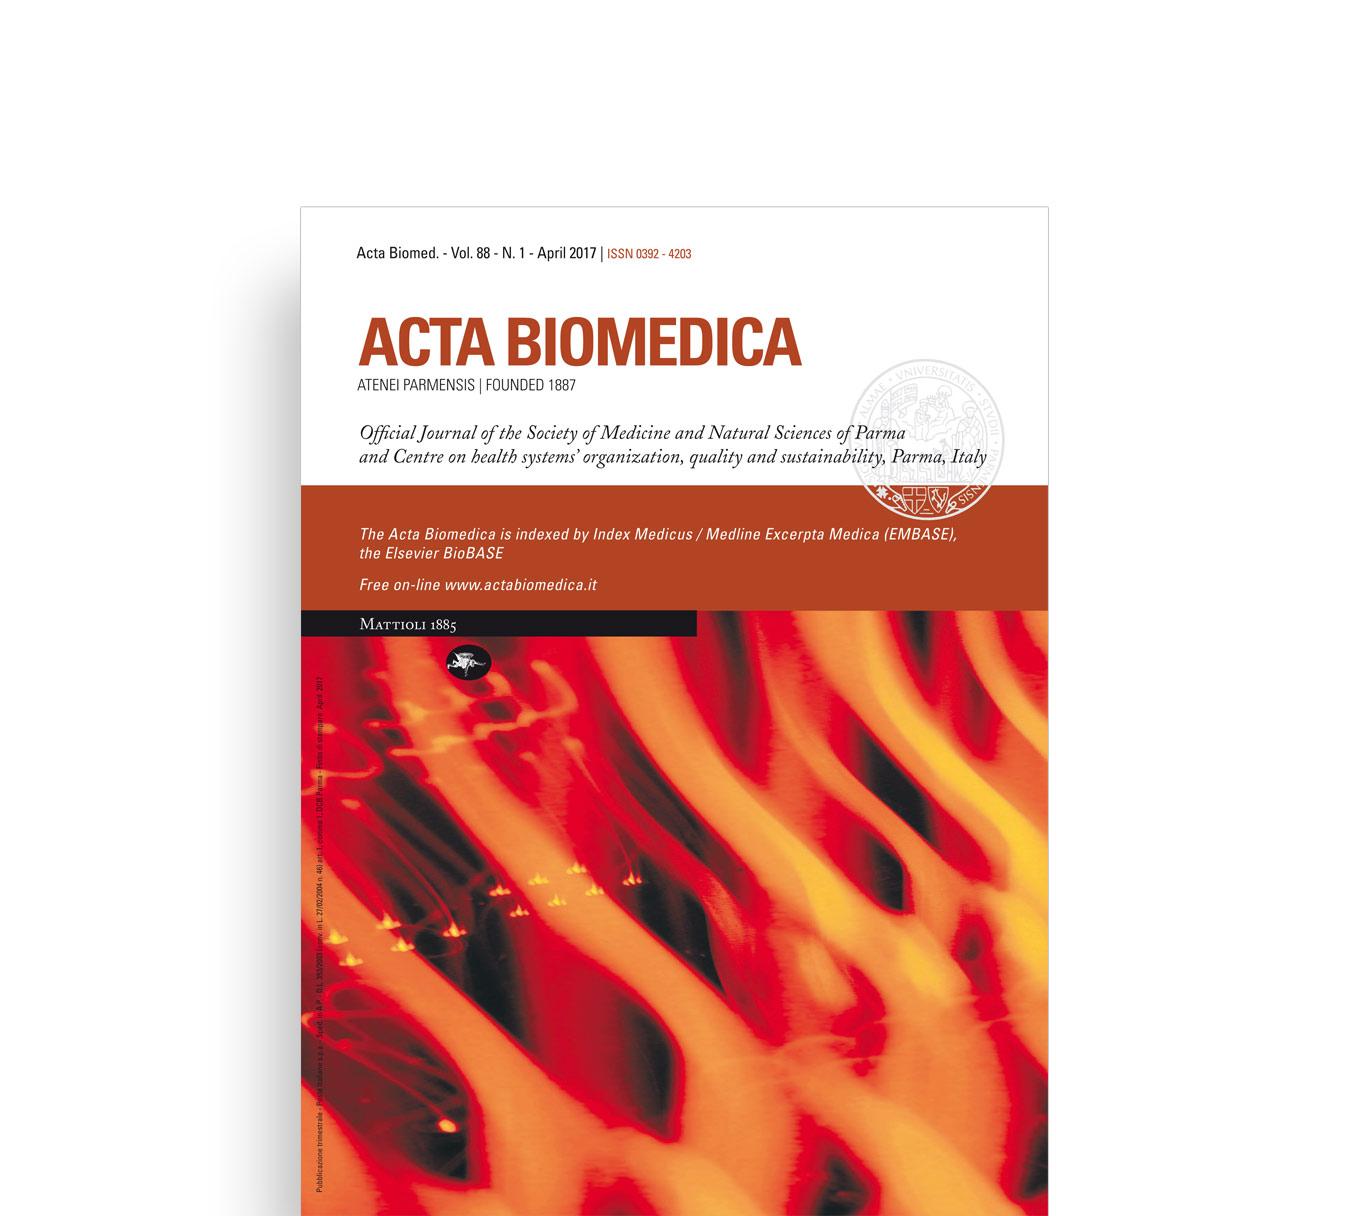 Acta-Biomedica